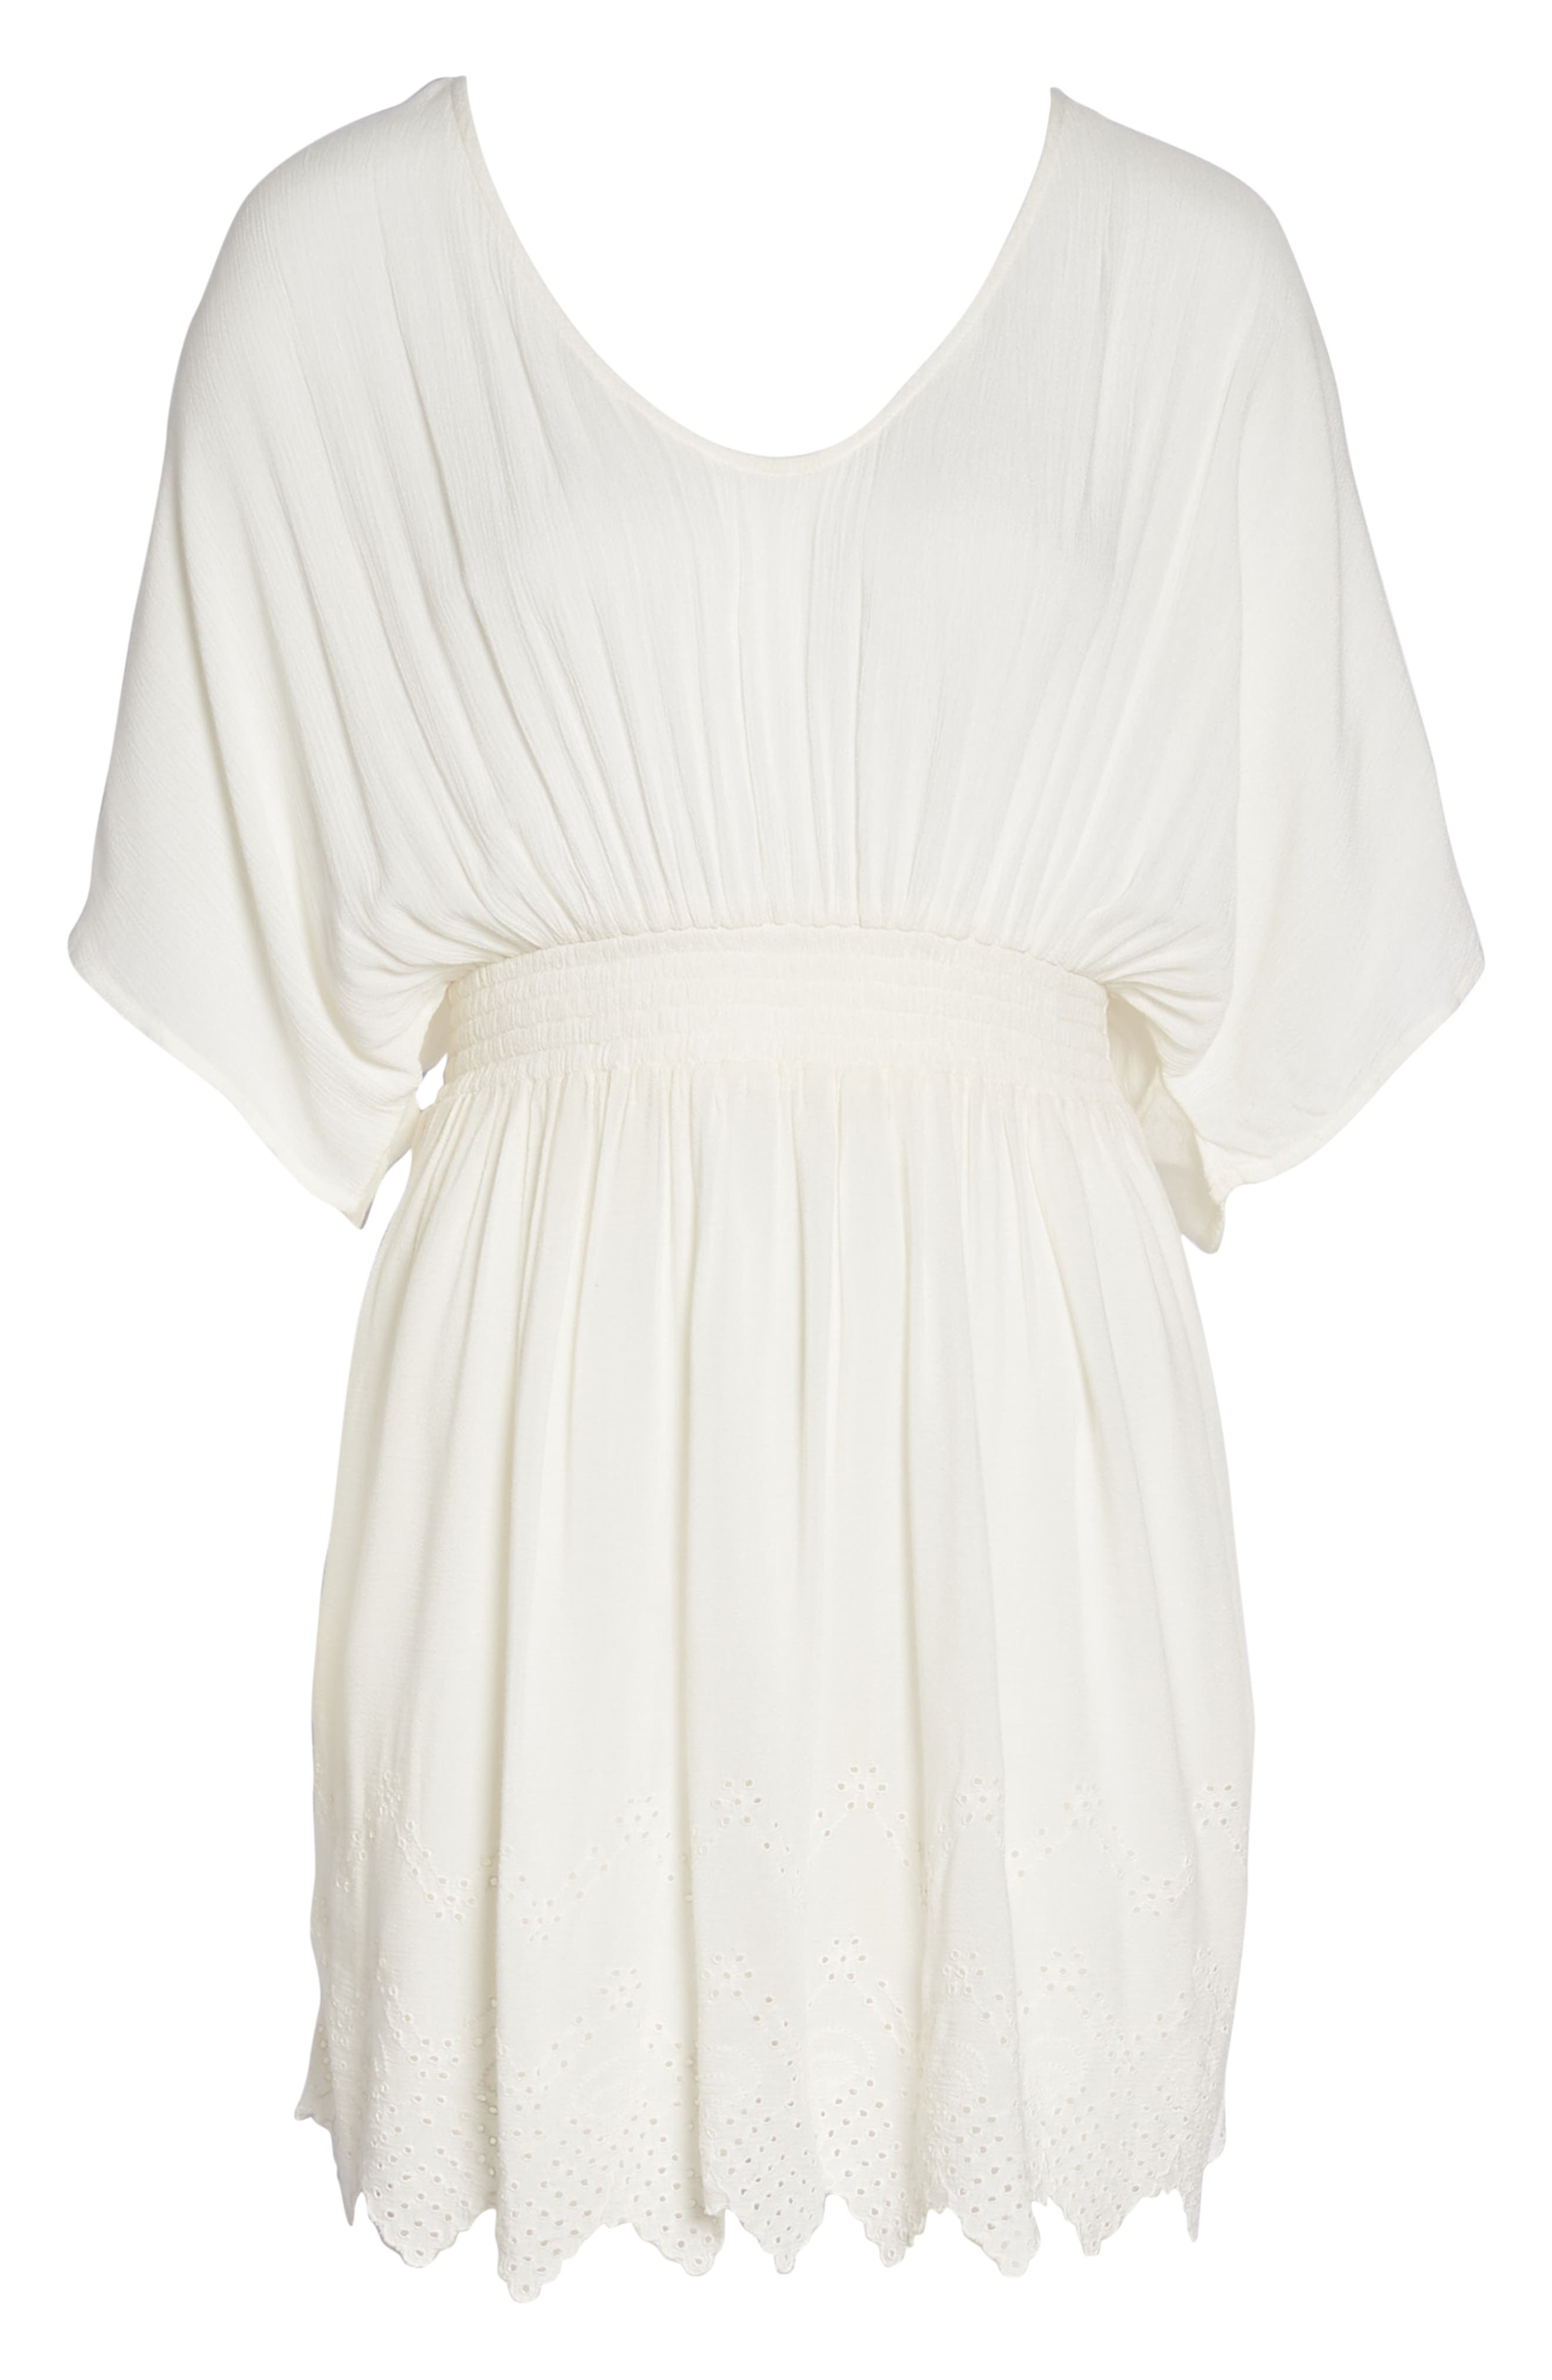 Goddess Cover-Up Dress,                             Alternate thumbnail 6, color,                             IVORY EGRET